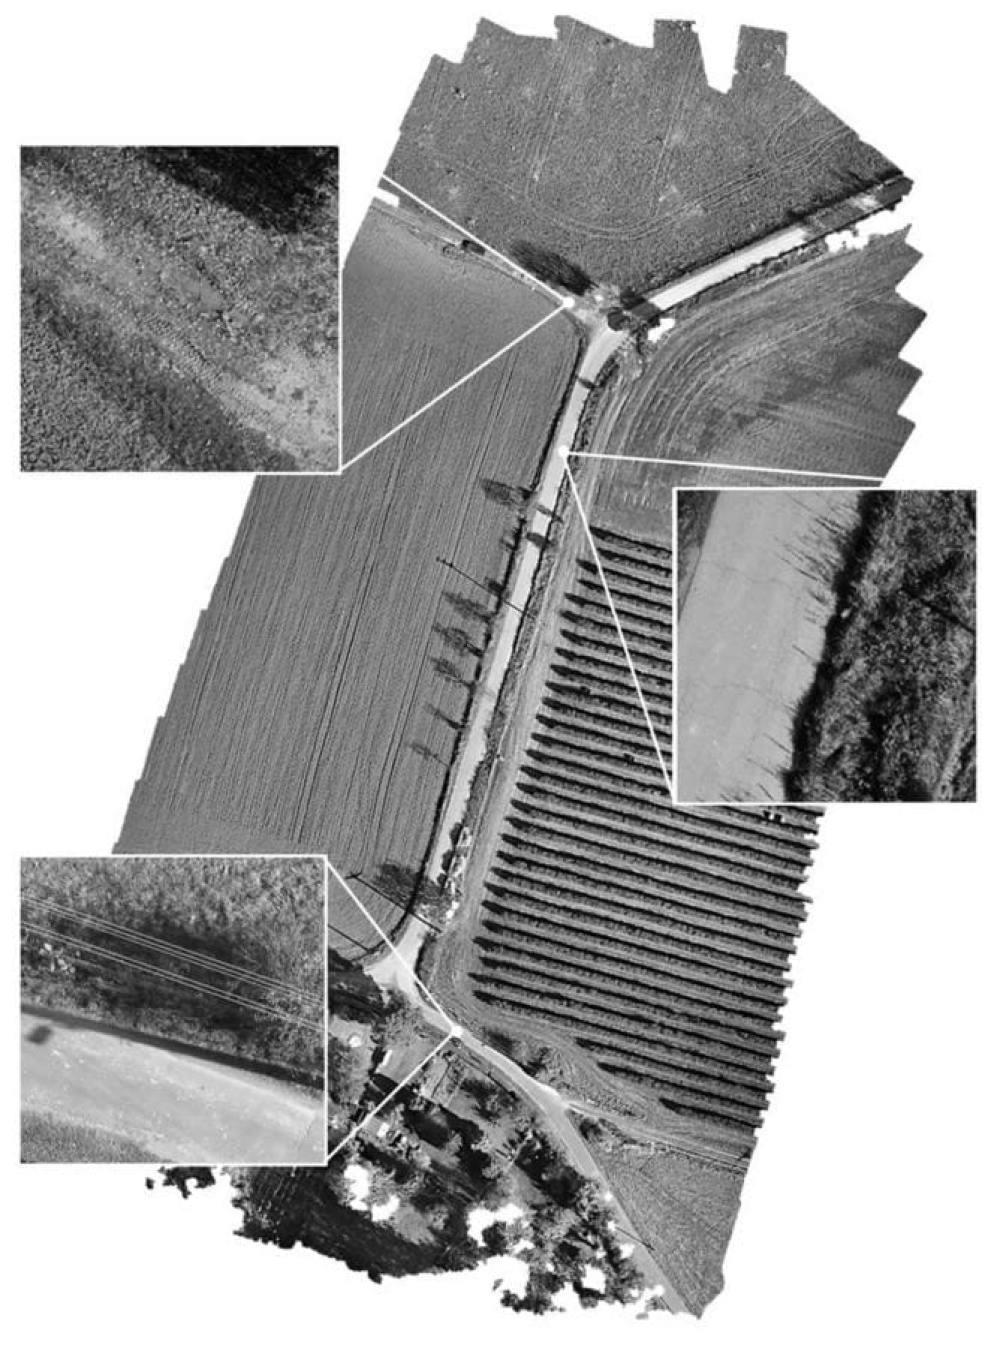 Orthoimage (40 m, 1 cm2/Px) (own figure)